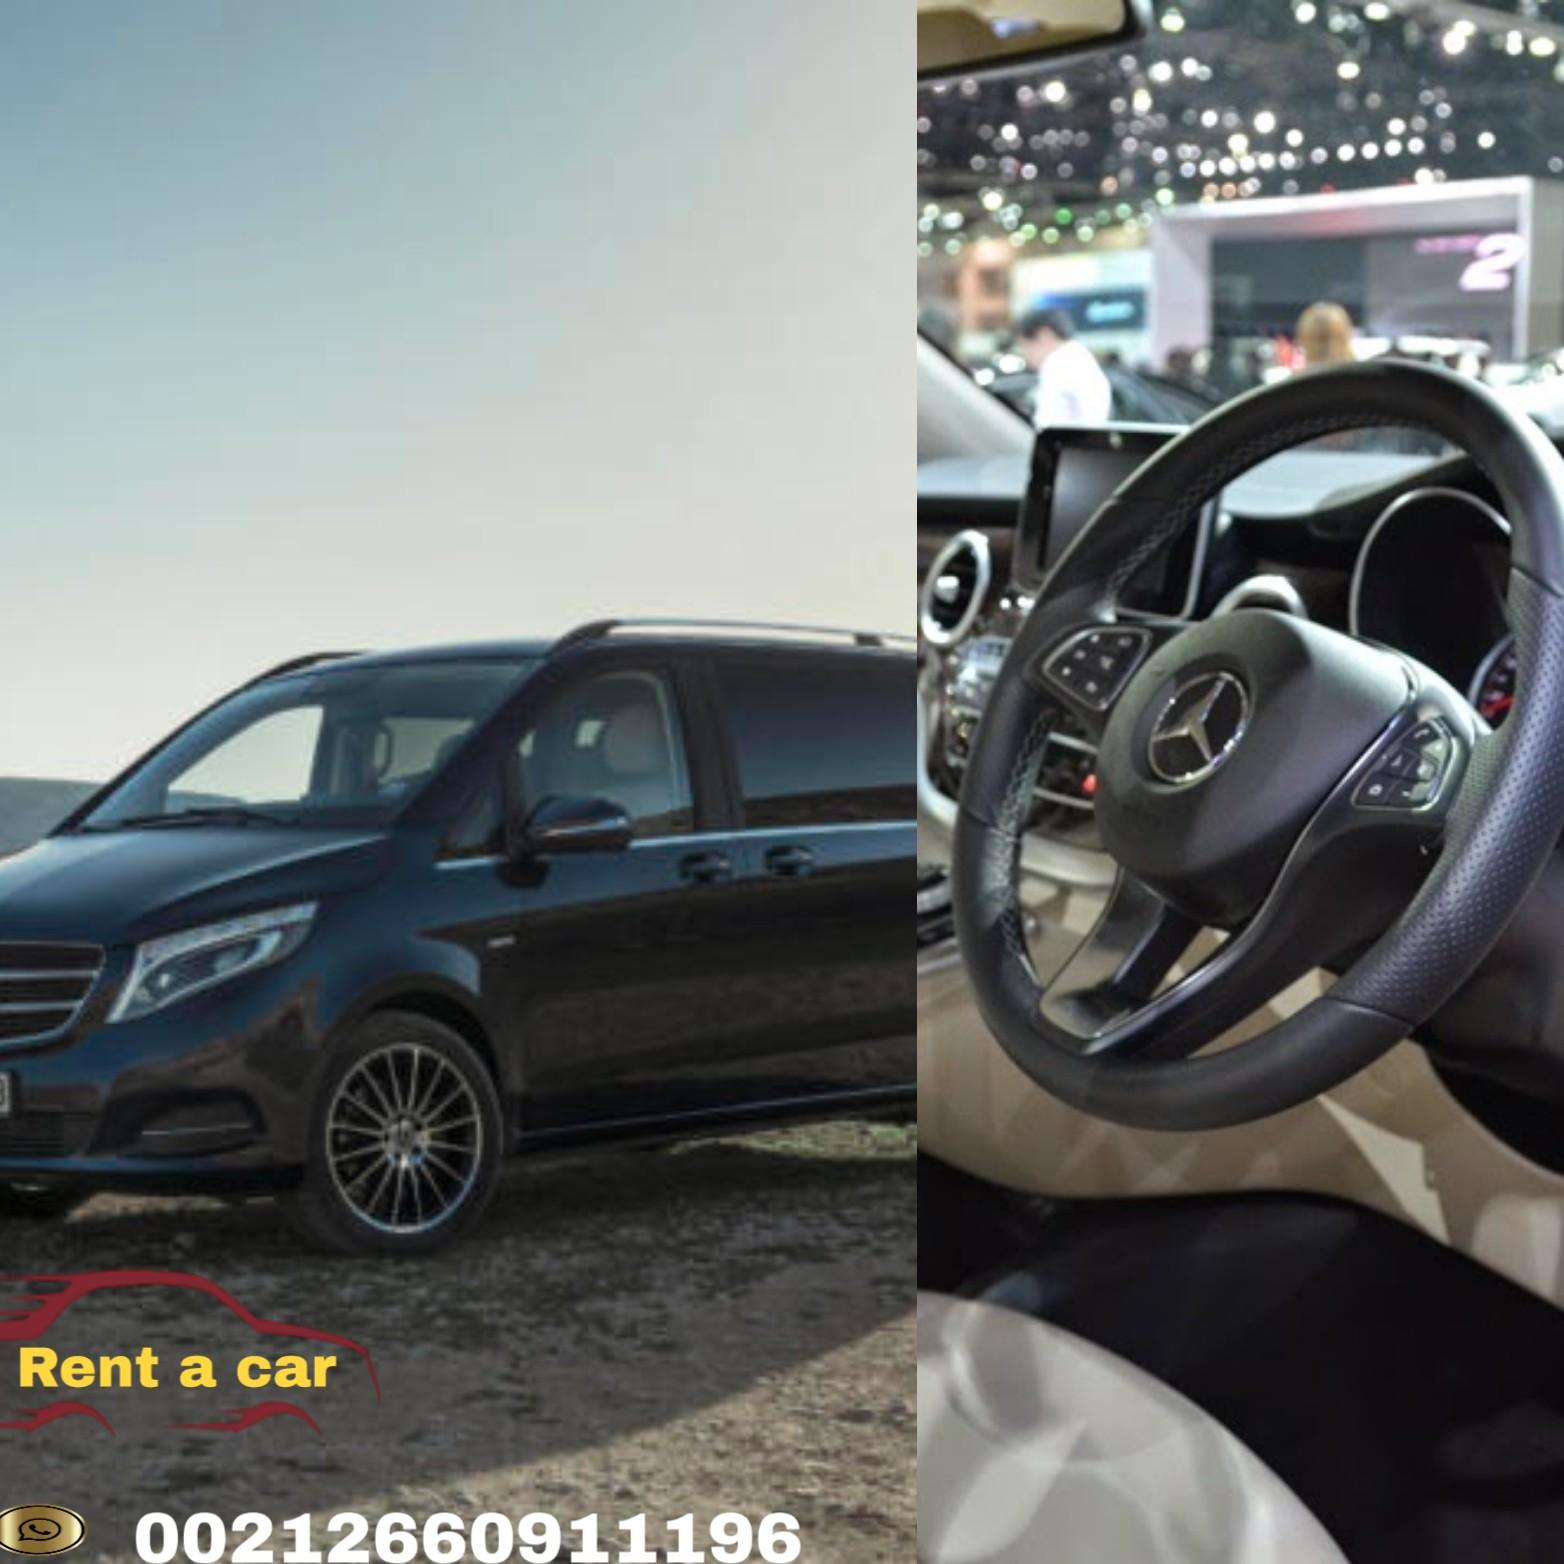 702812 المسافرون العرب تأجير سيارات في المغرب عرض خاص